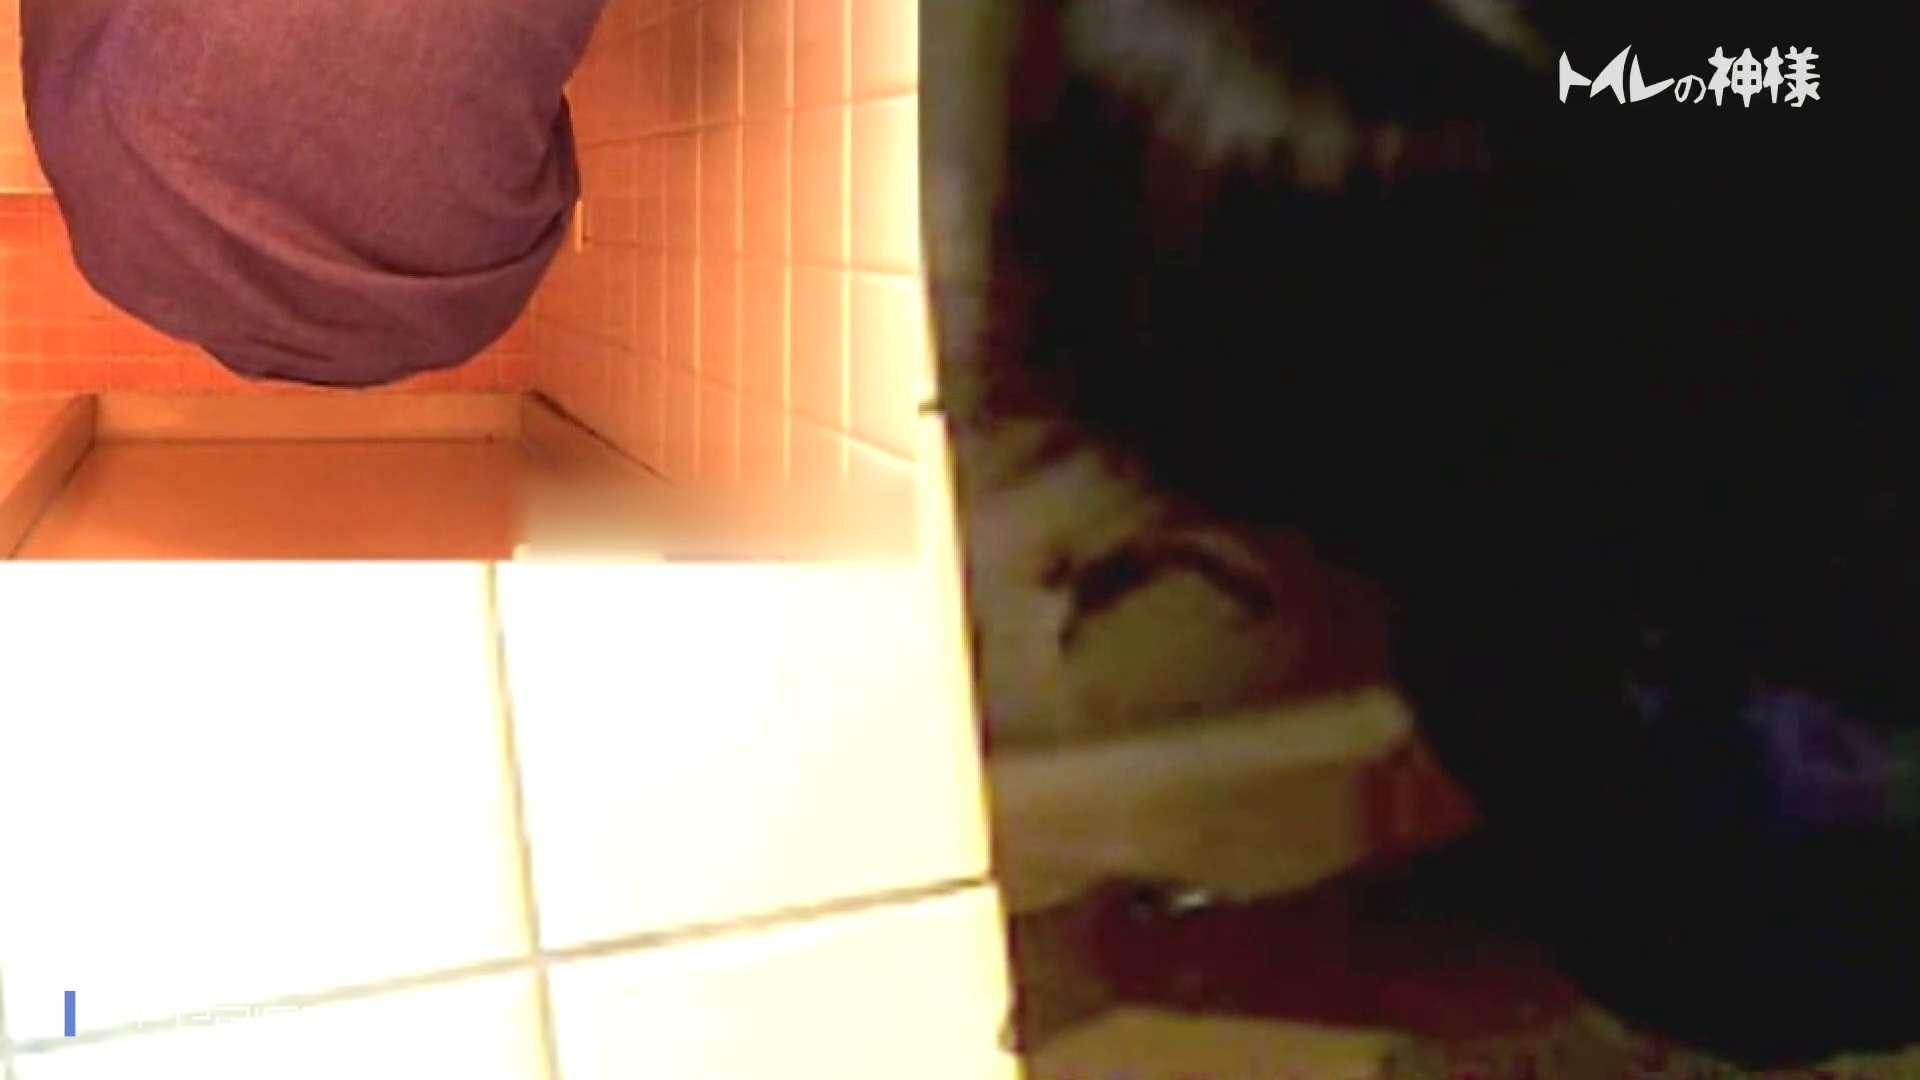 kyouko排泄 うんこをたくさん集めました。トイレの神様 Vol.14 細身体型 | うんこ  92枚 31